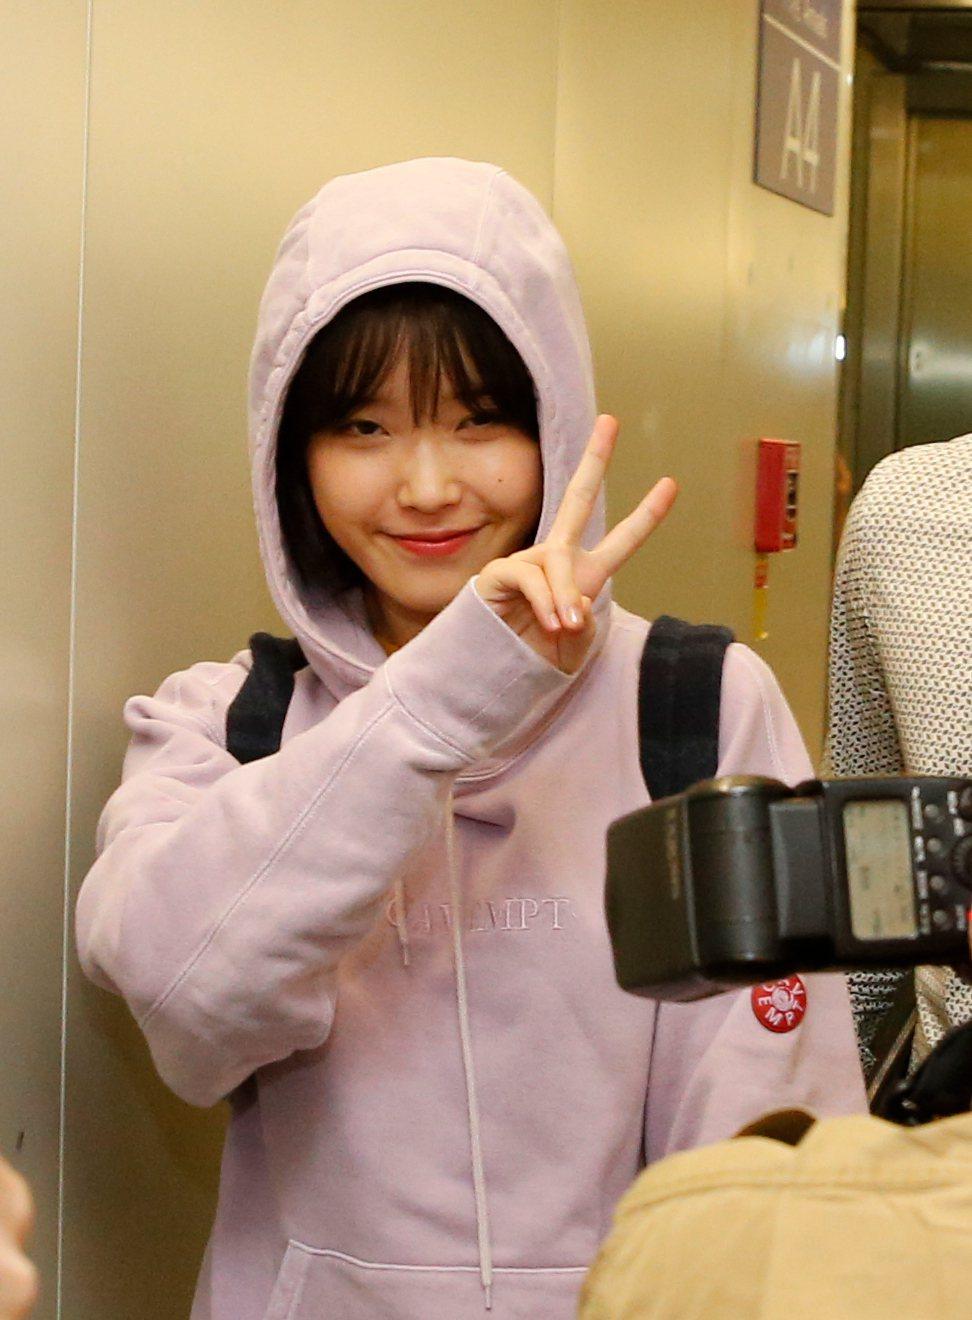 韓星IU搭乘KE-691班機抵達桃園機場,她穿著粉紅色帽T、牛仔褲與運動鞋現身,...